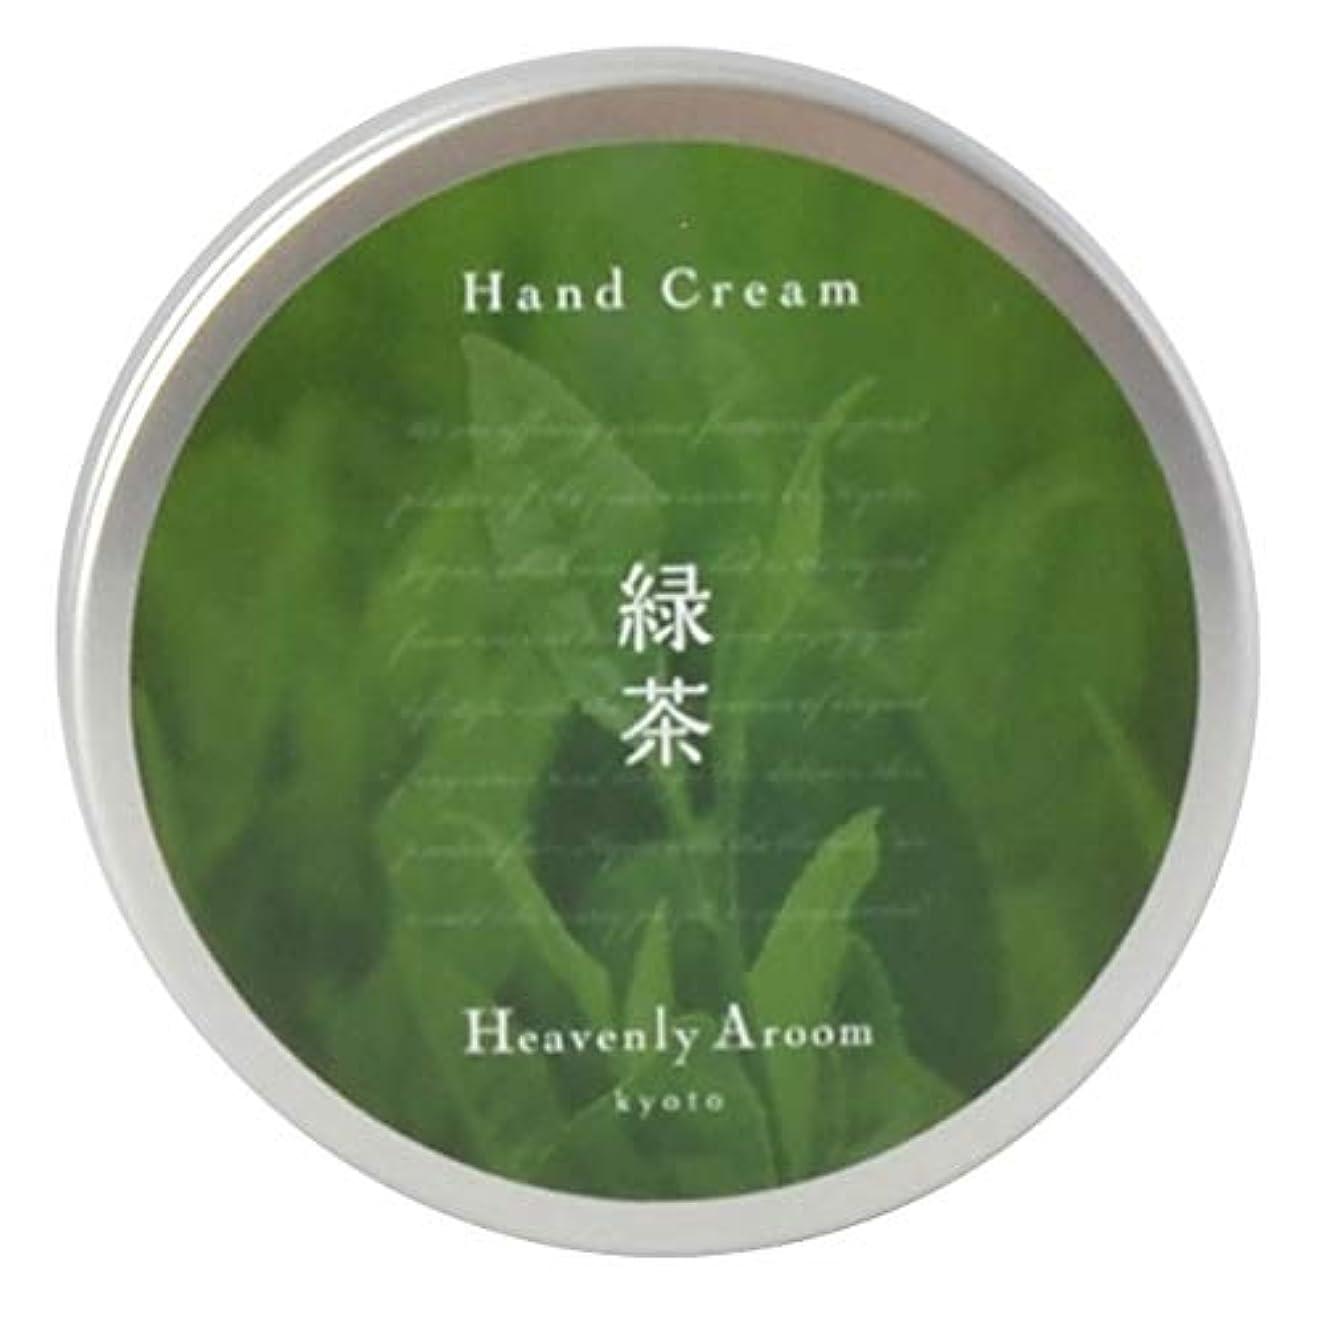 処理優雅な召喚するHeavenly Aroom ハンドクリーム 緑茶 75g